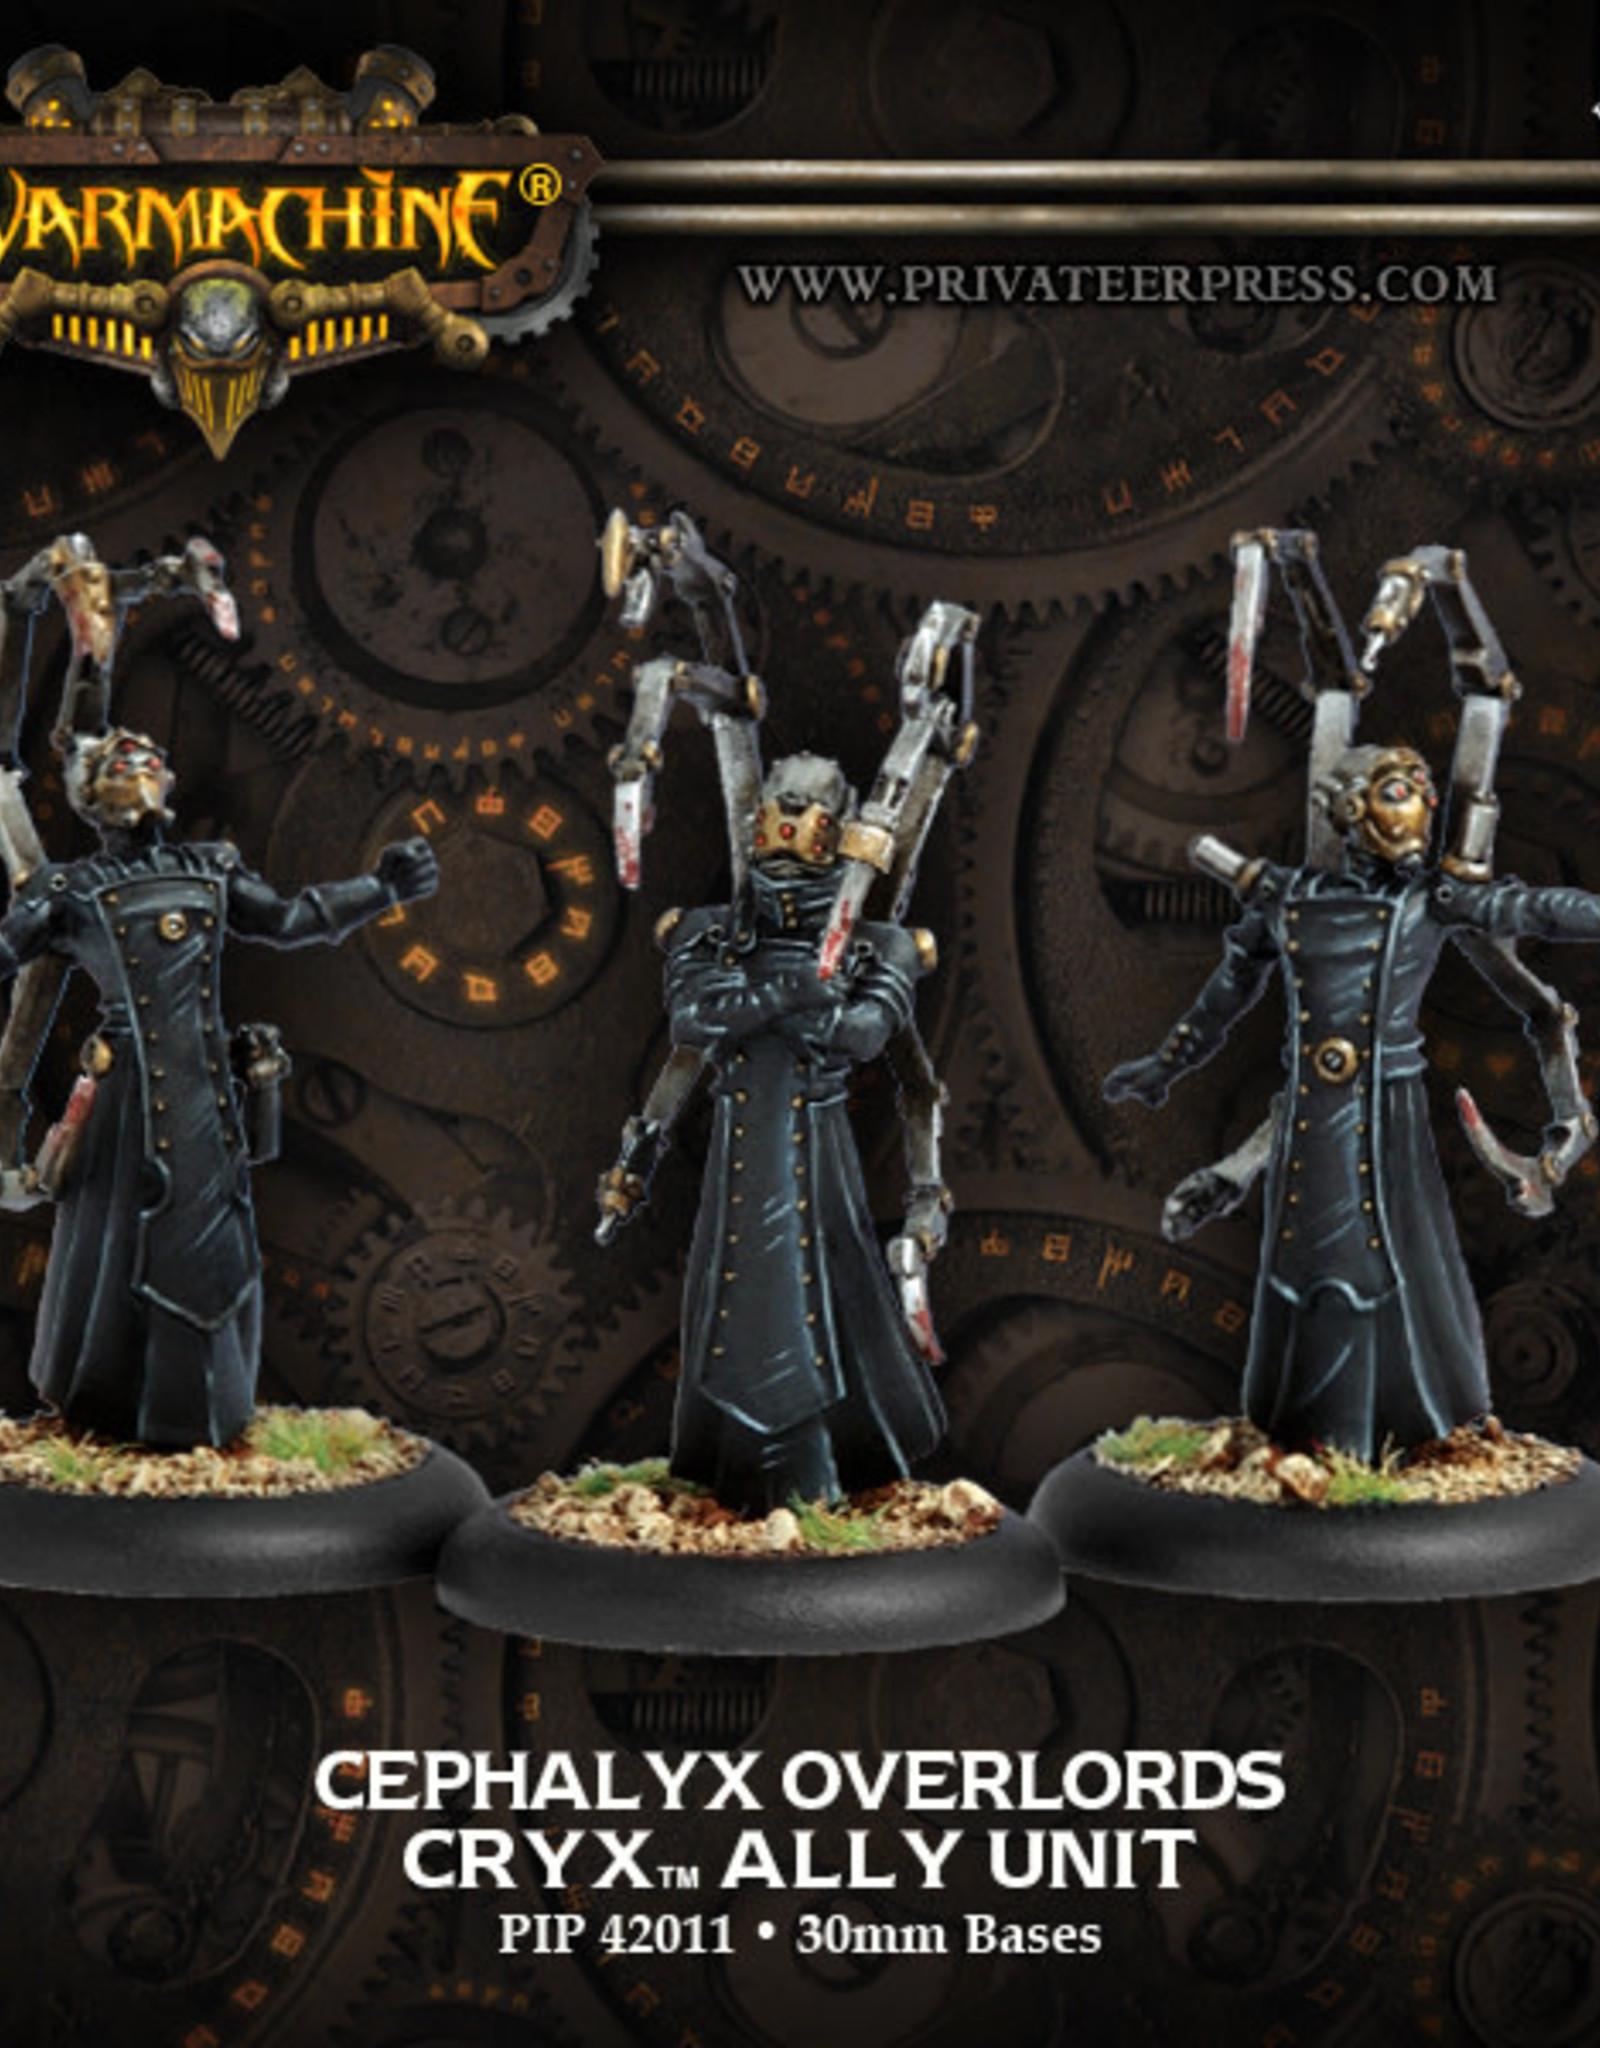 Warmachine Cryx - Cephalyx Overlords